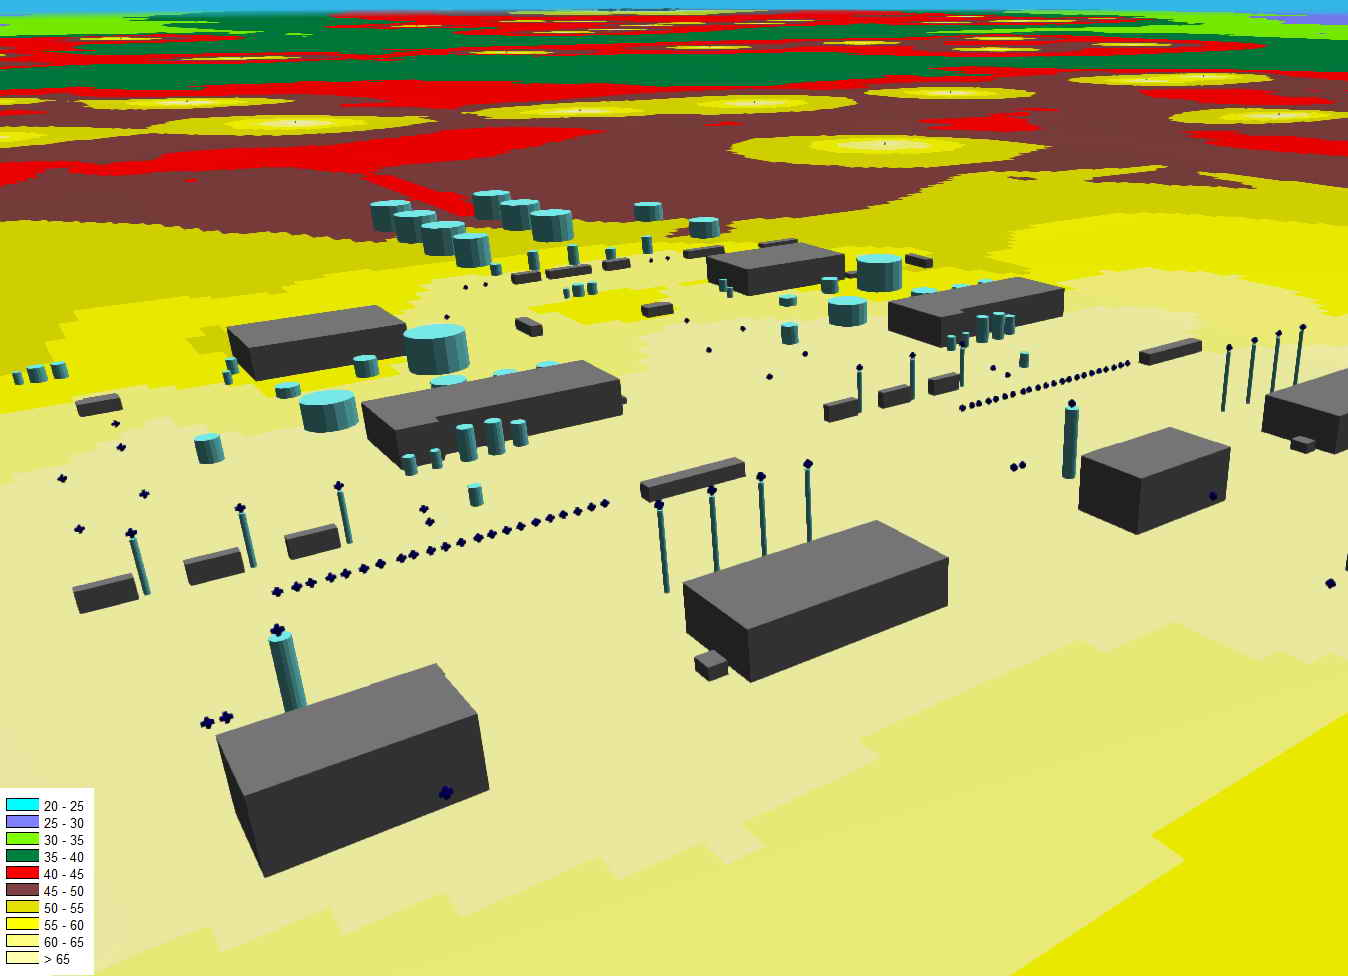 SAGD Facility Noise Model